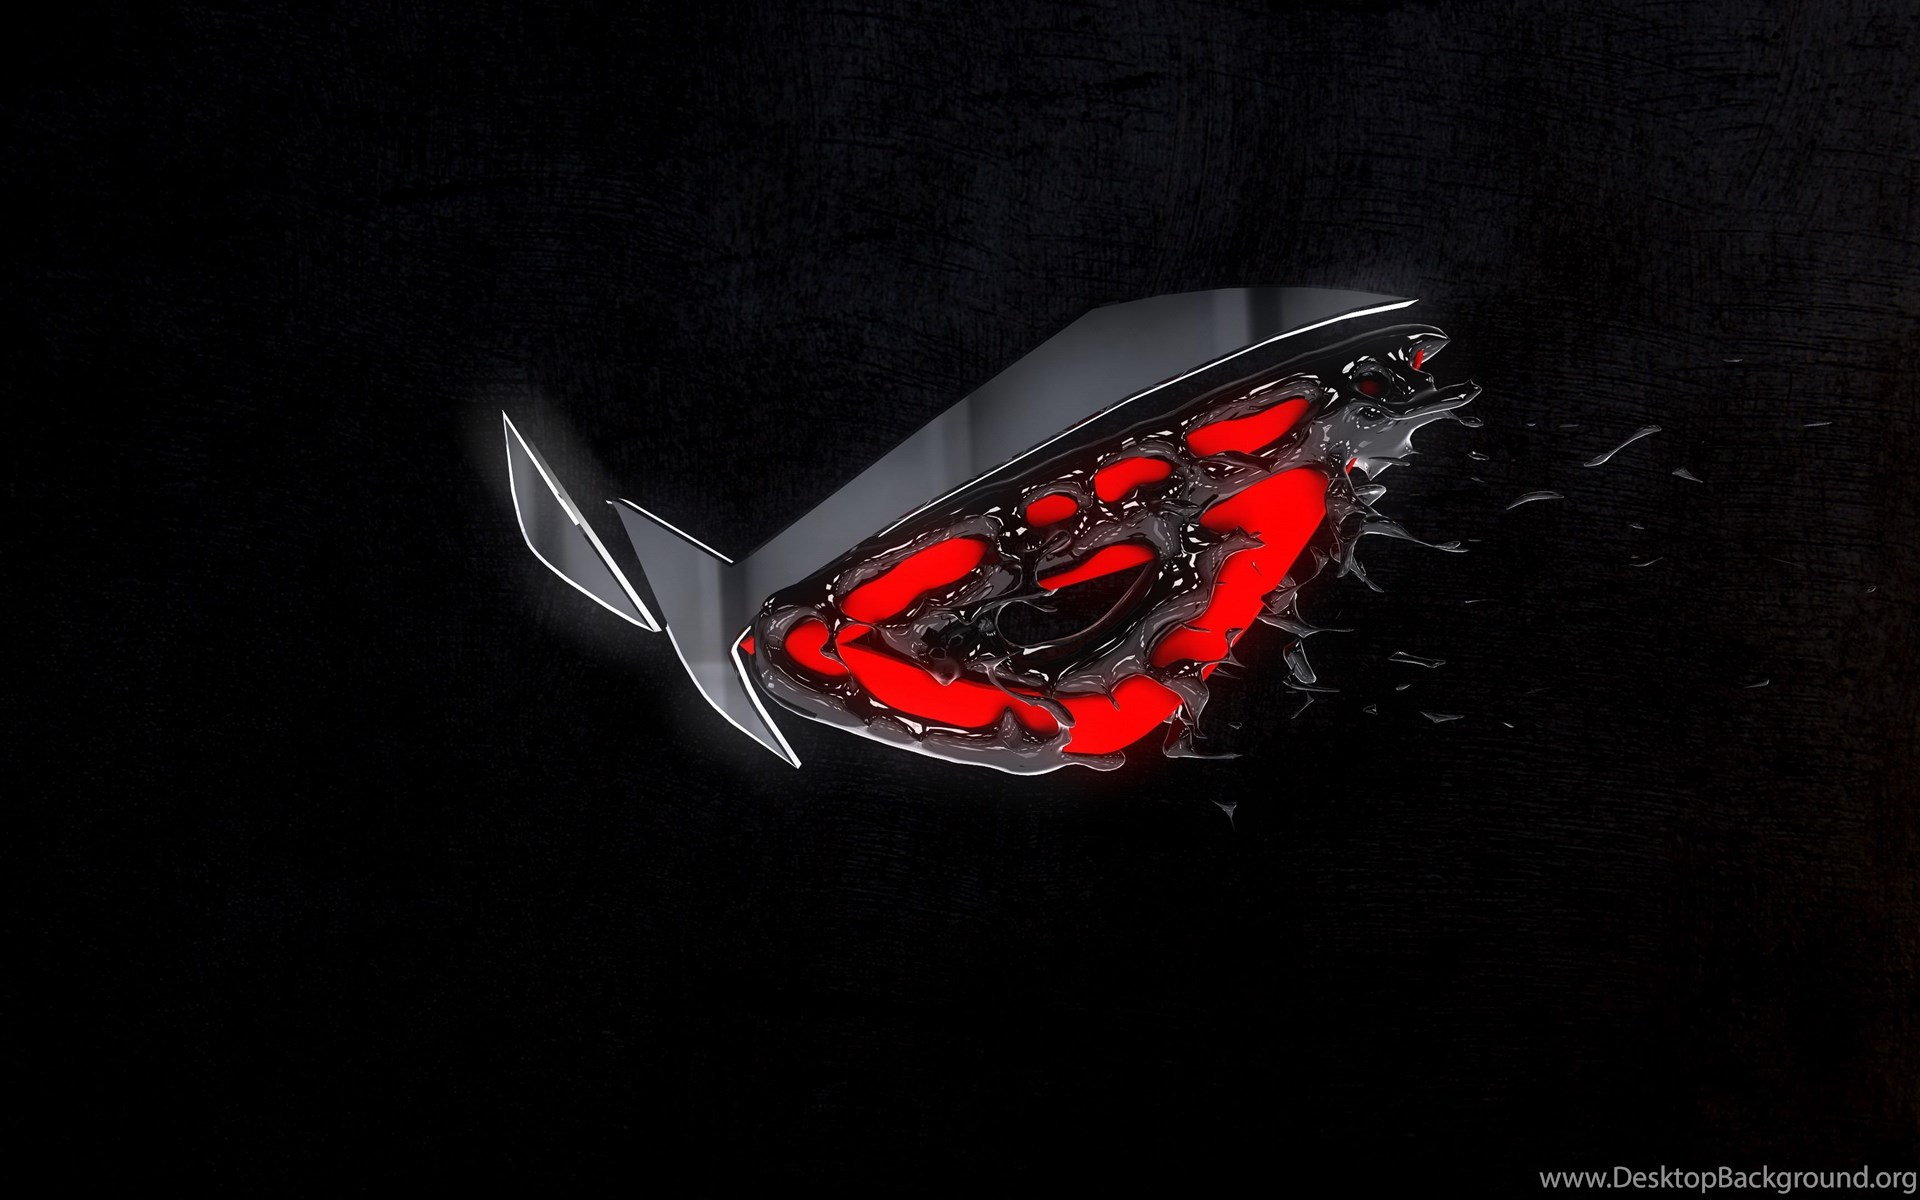 3d 3d render asus asus rog gaming republic of gamers rog - Rog desktop wallpaper ...